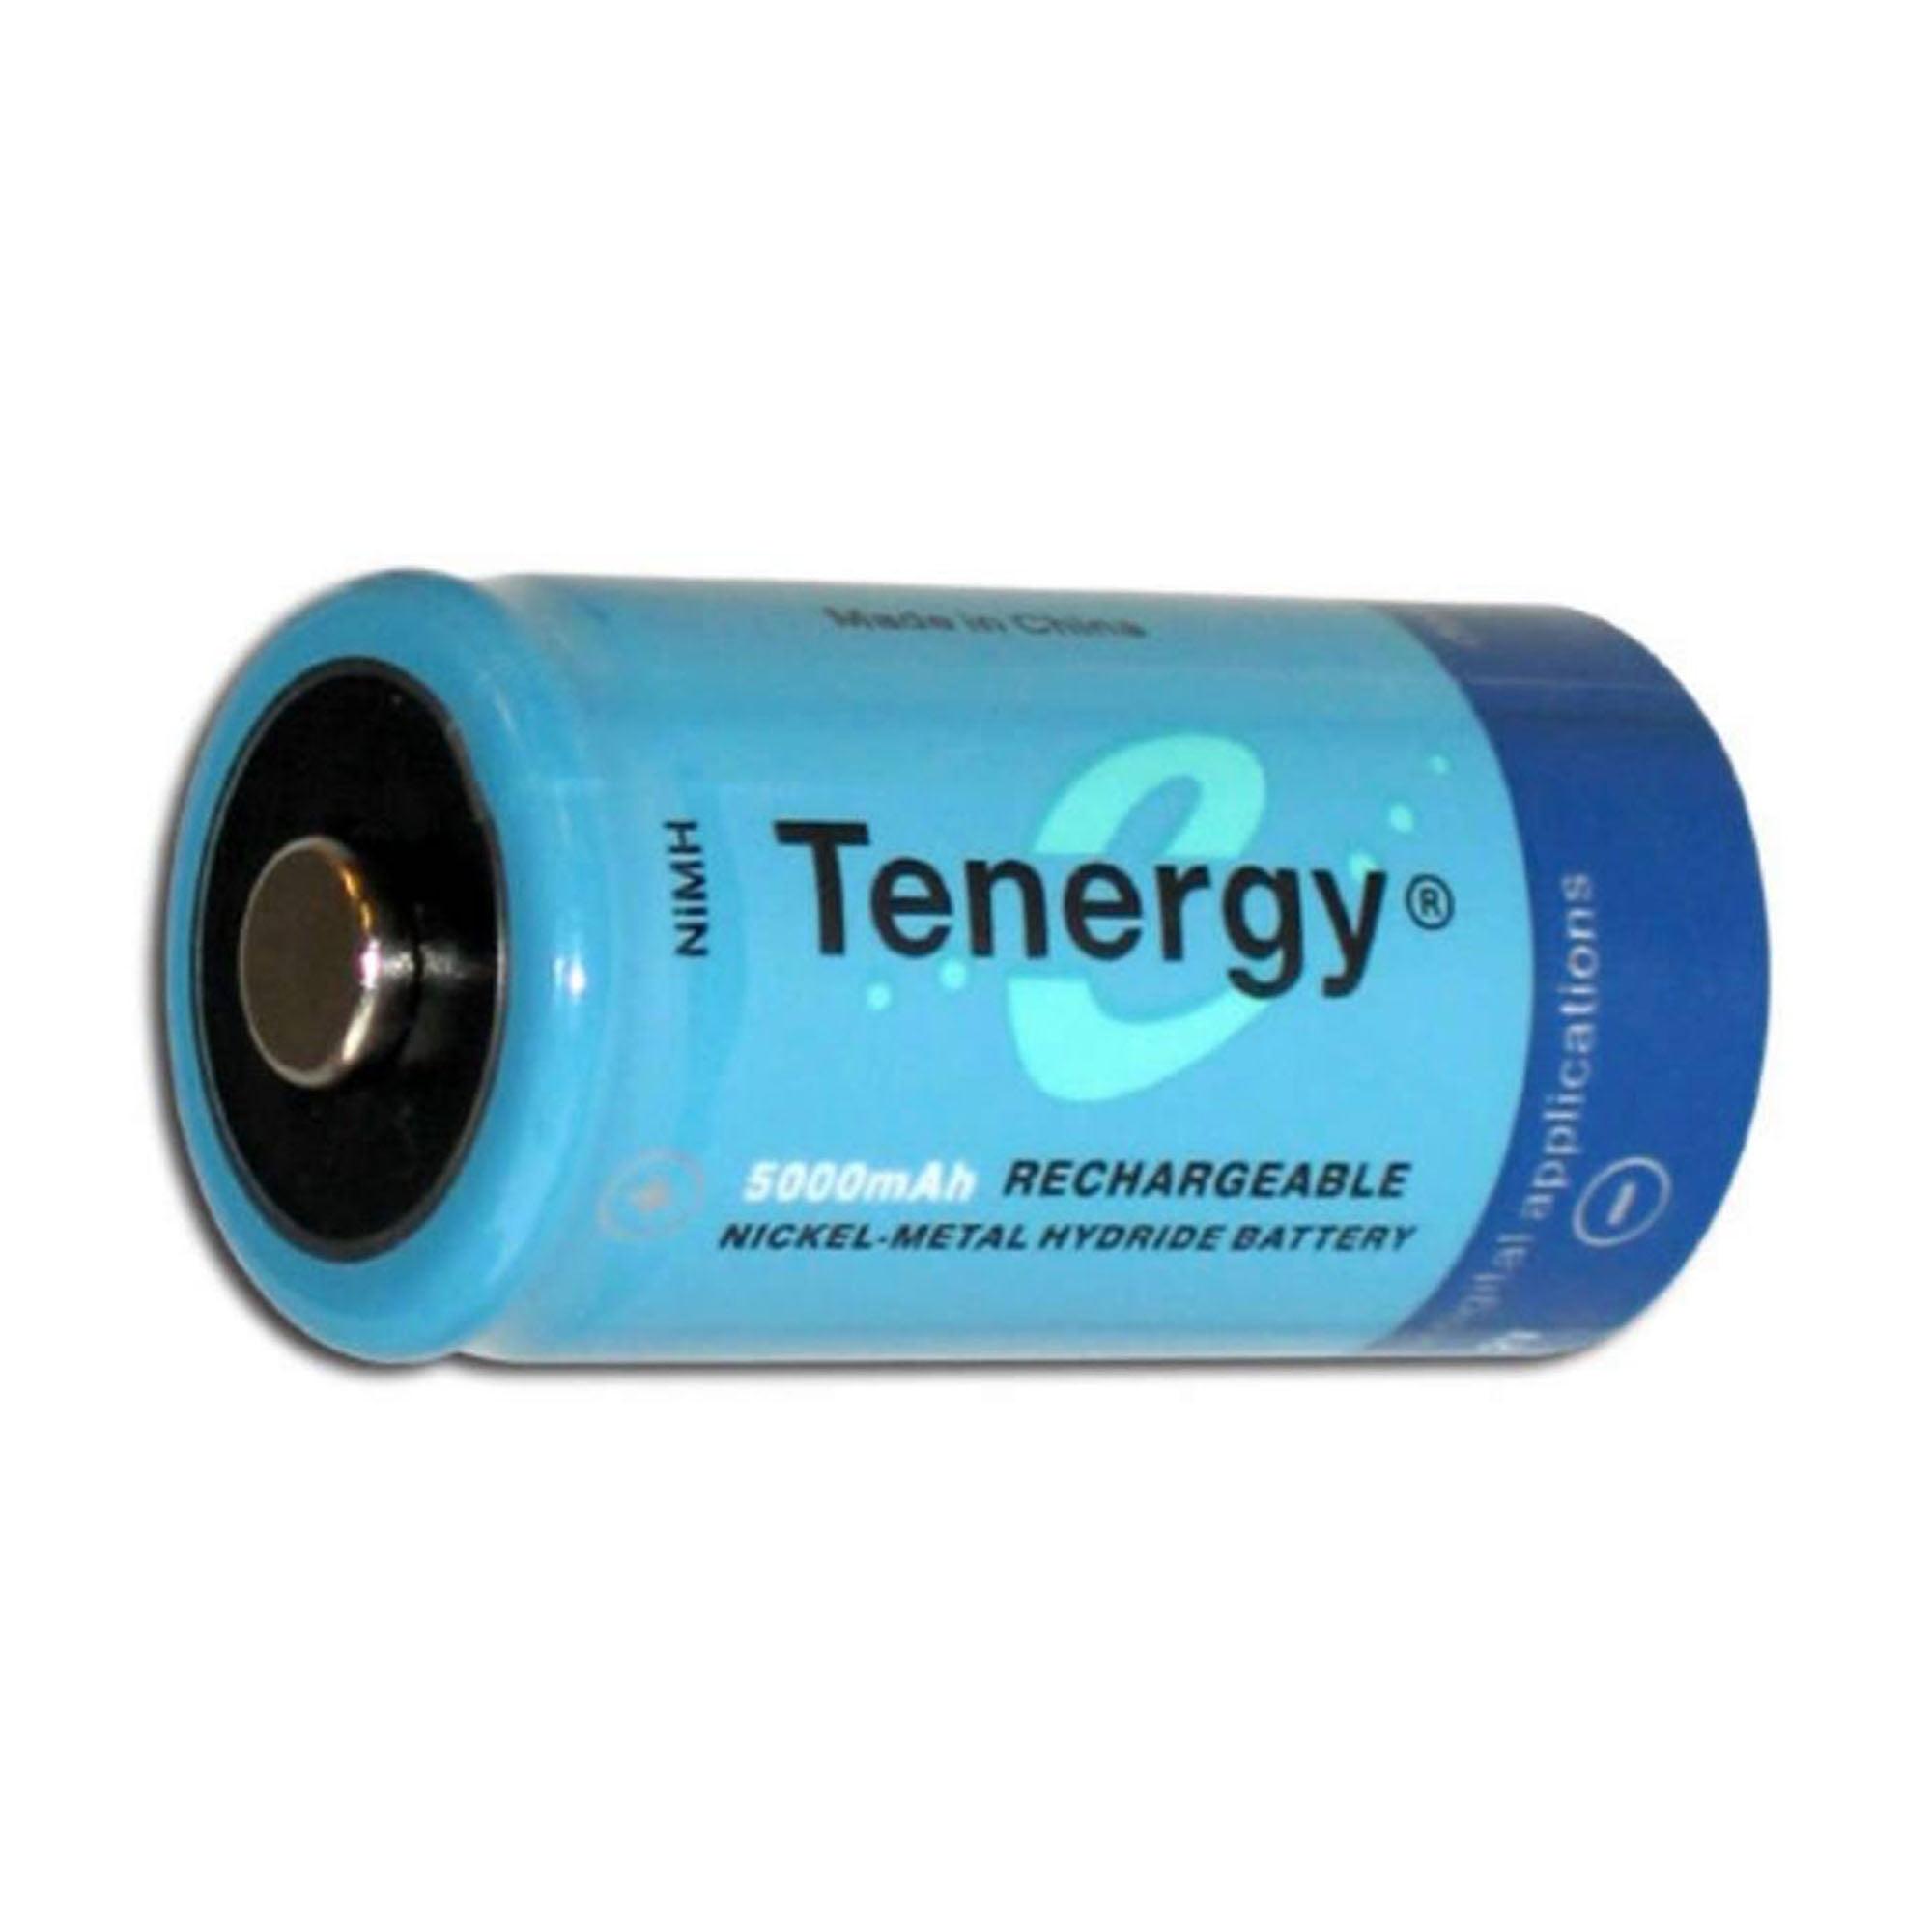 8-Pack C Tenergy NiMH Batteries (5000 mAh) - image 1 of 1